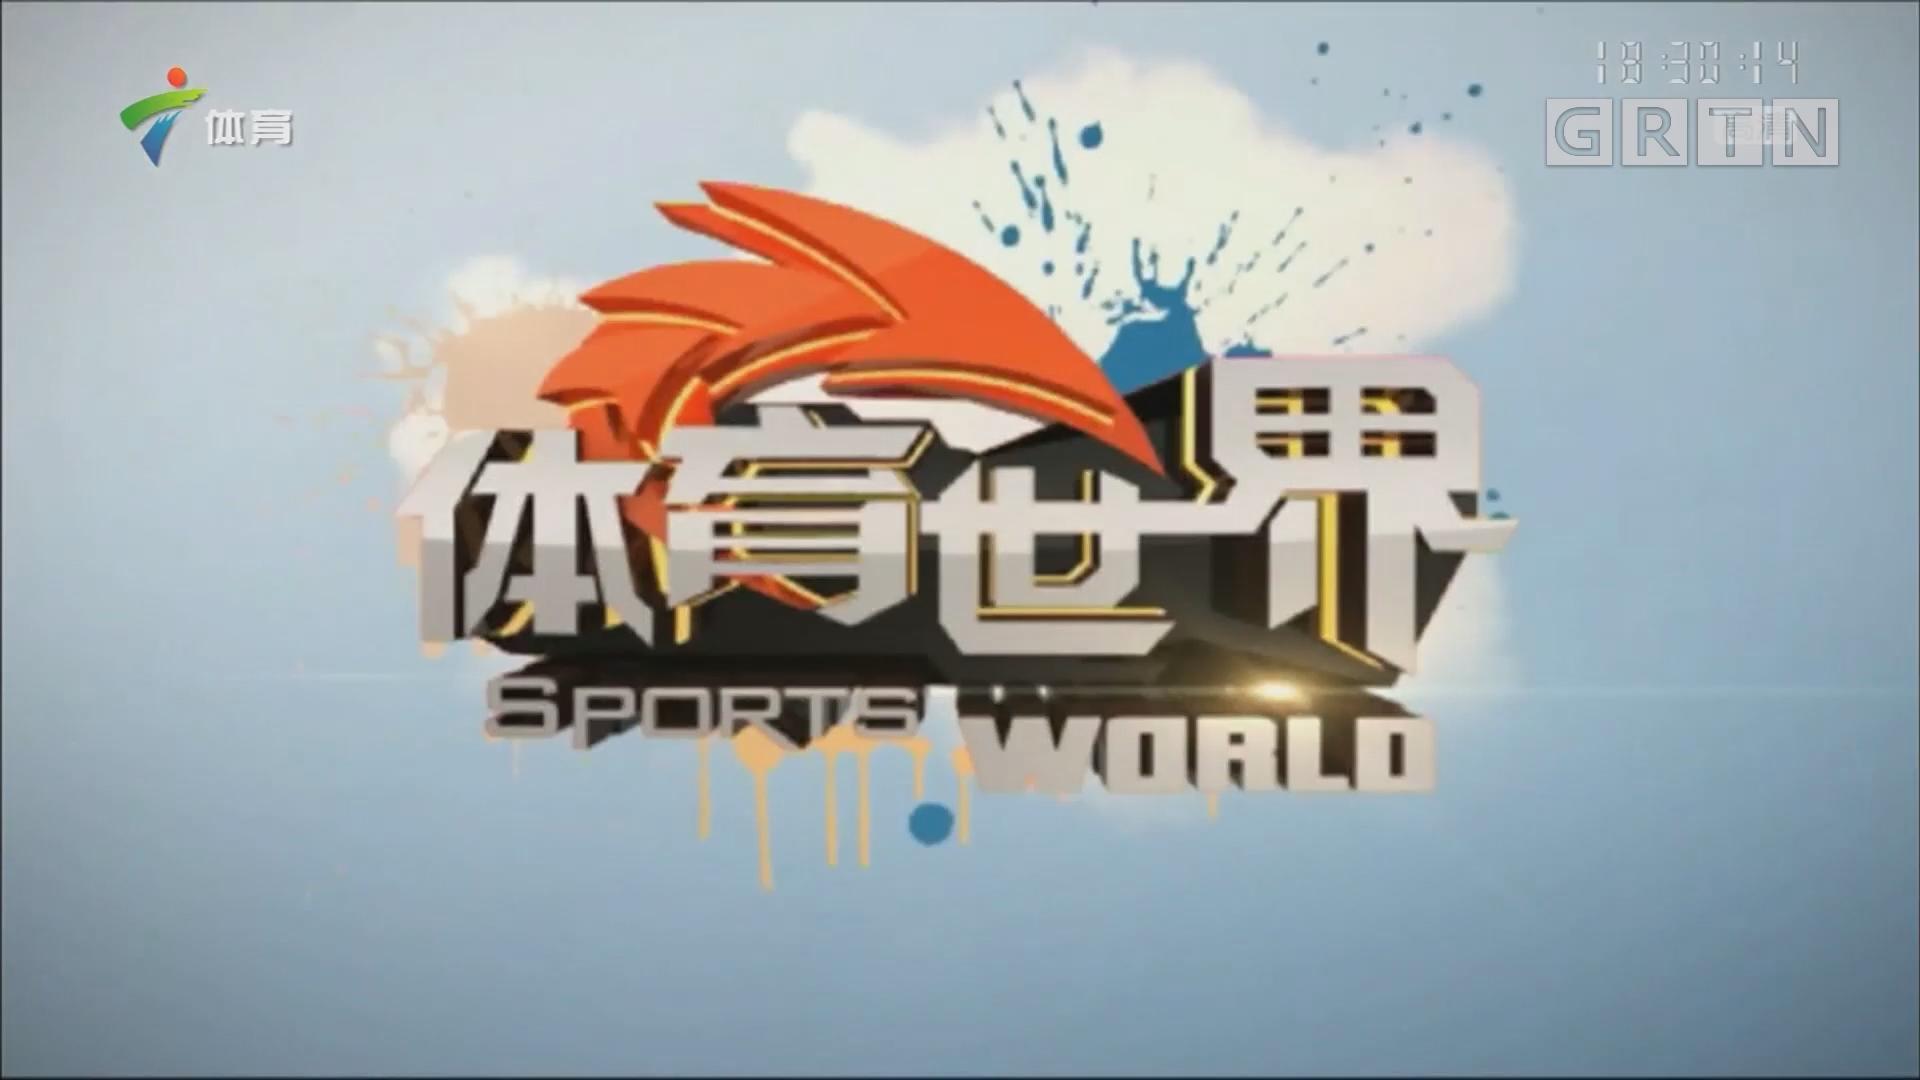 [HD][2018-01-25]体育世界:广东省自行车绿道联赛韶关站 体育文化生态完美融合